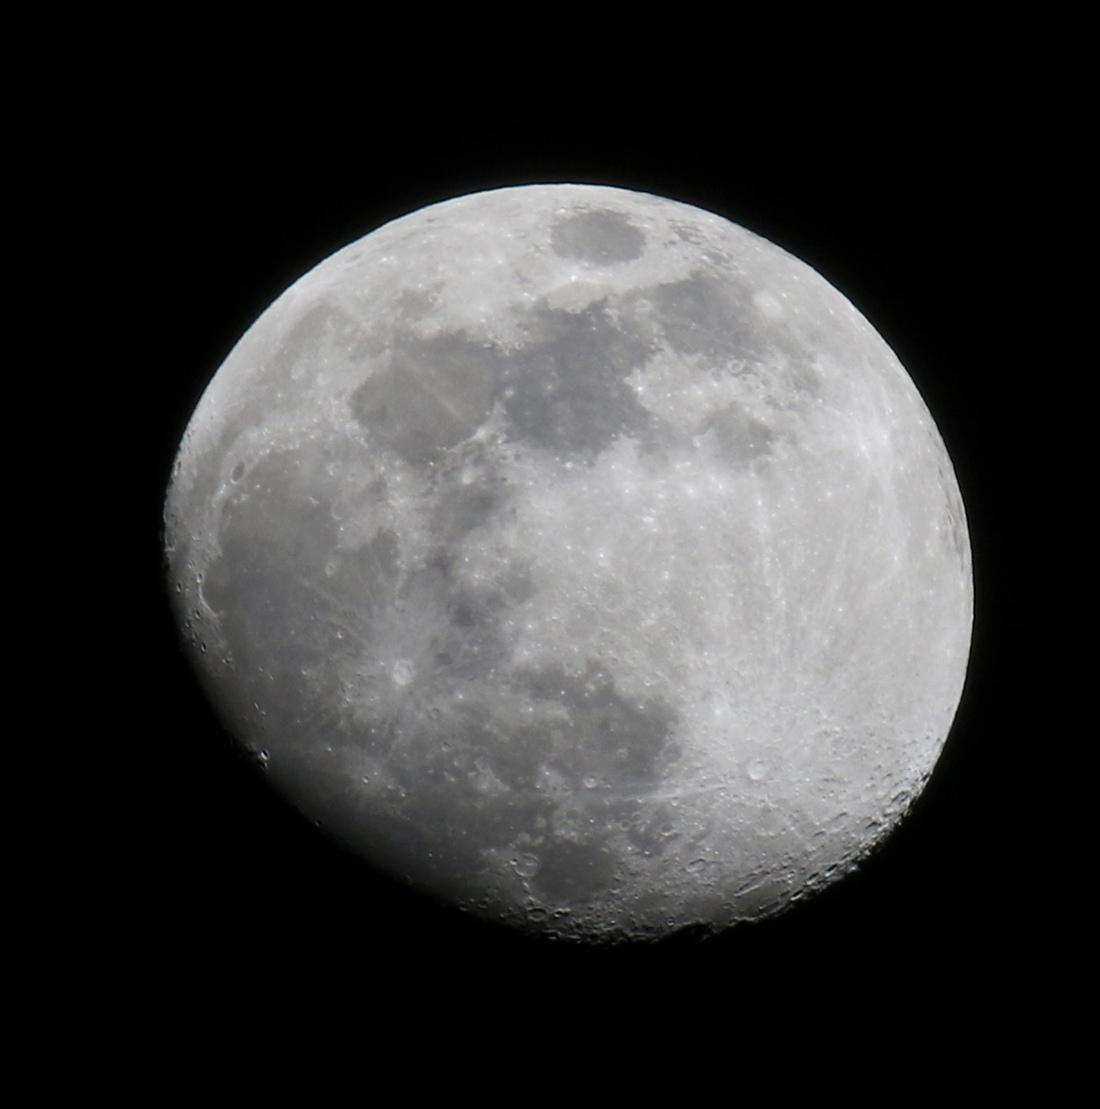 la lune le 16/04/2019 (63022)